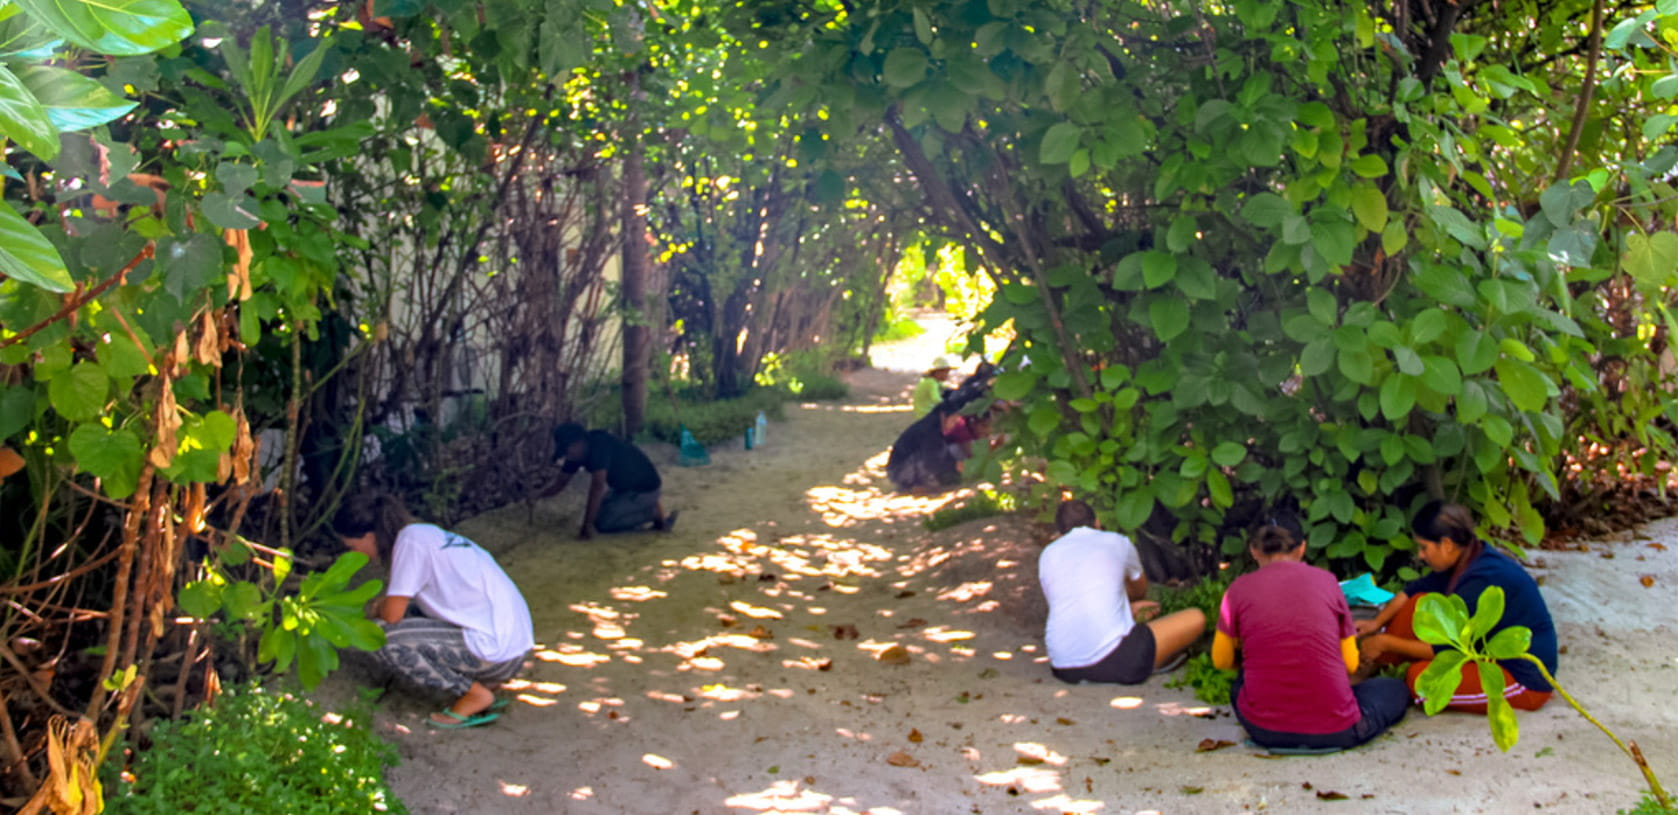 Fushifaru team planting flowers, herbs & vegetables on the island